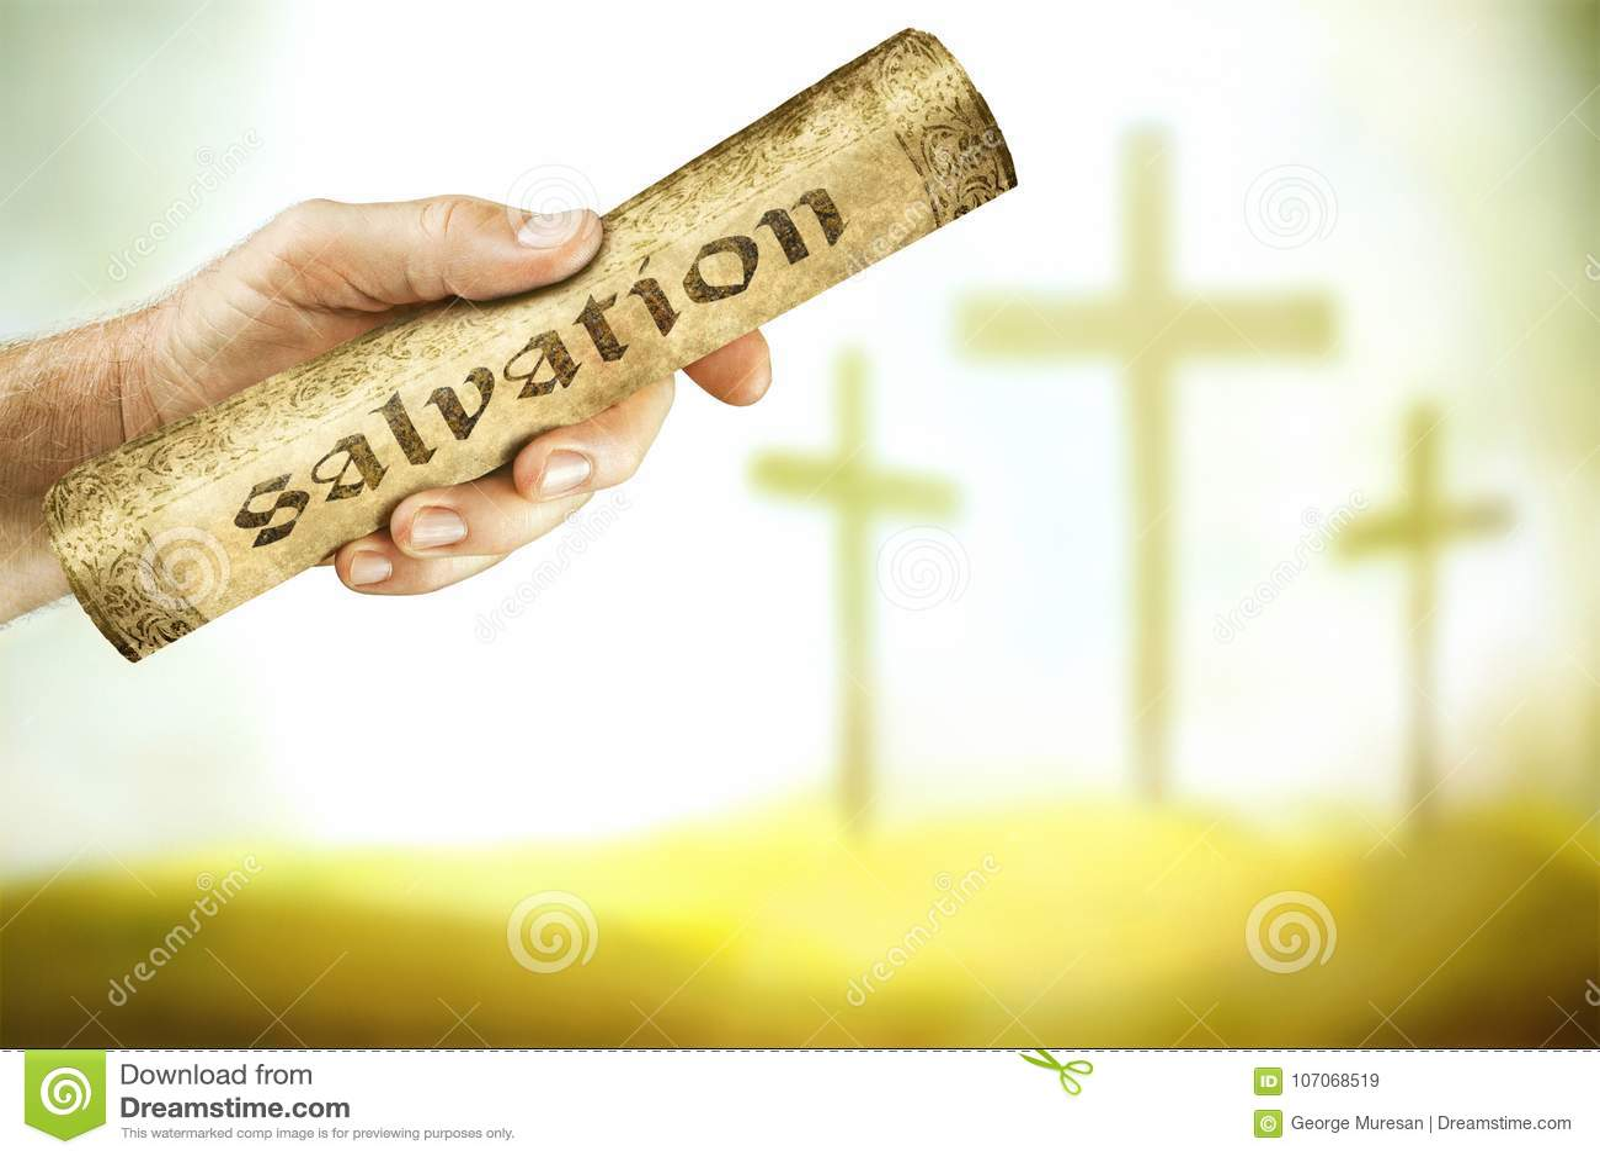 Το μήνυμα της σωτηρίας από το σταυρό